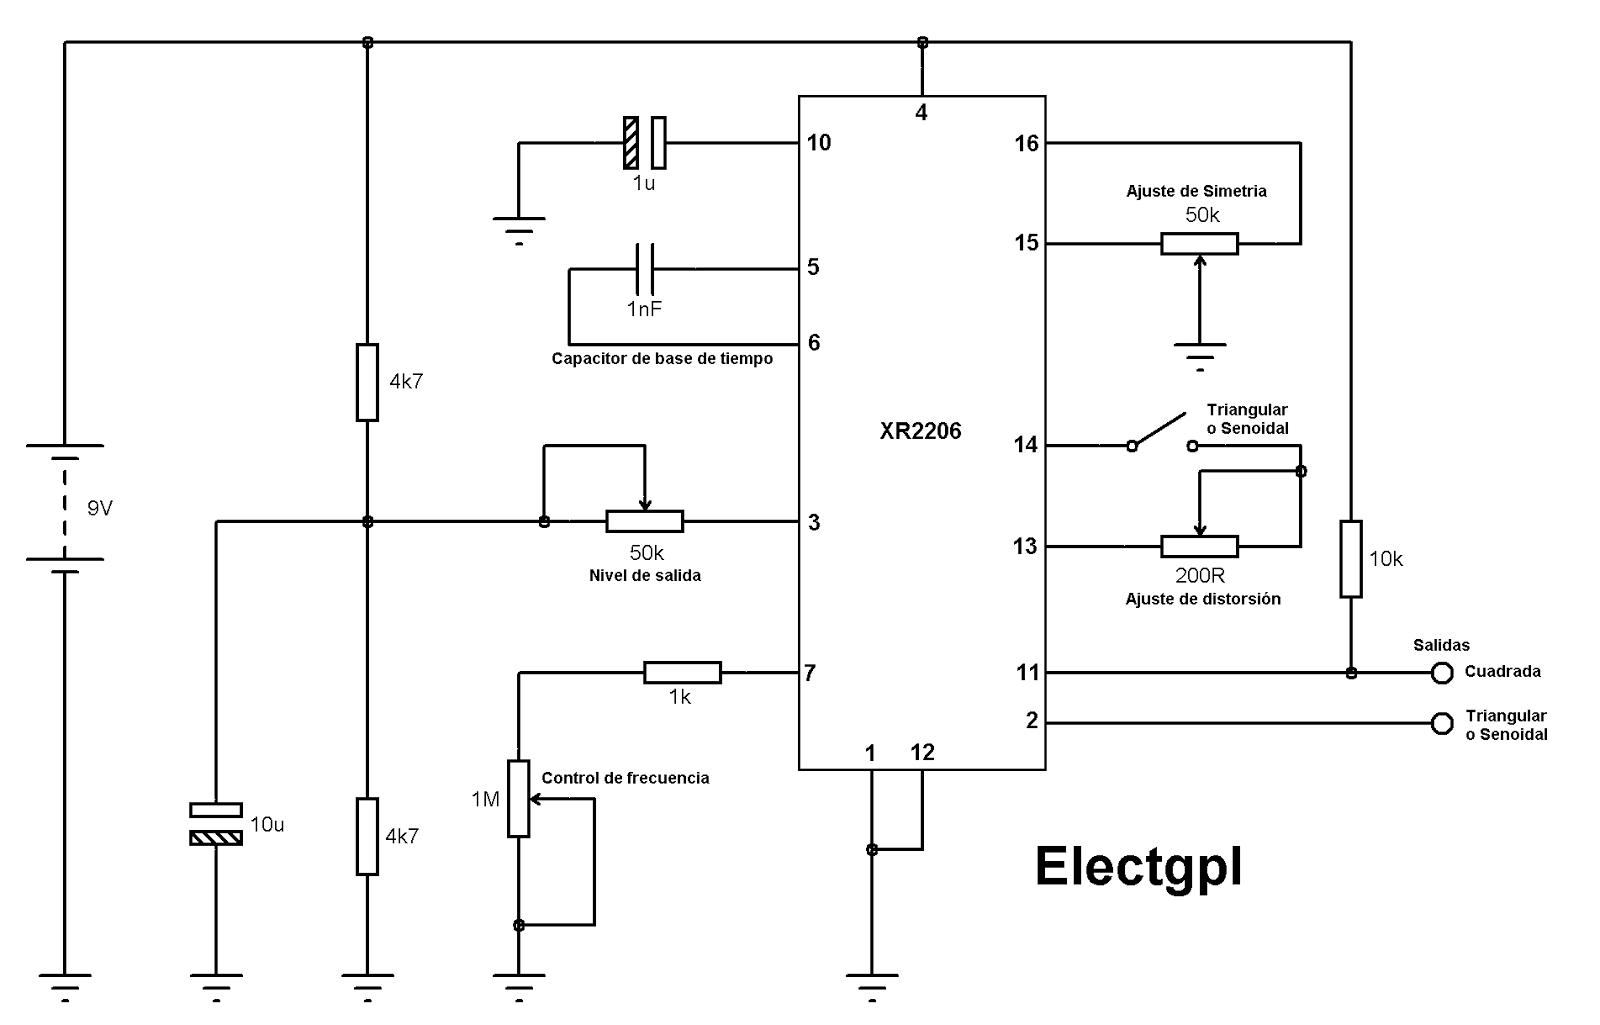 Circuito Xr2206 : Electgpl generador de funciones xr